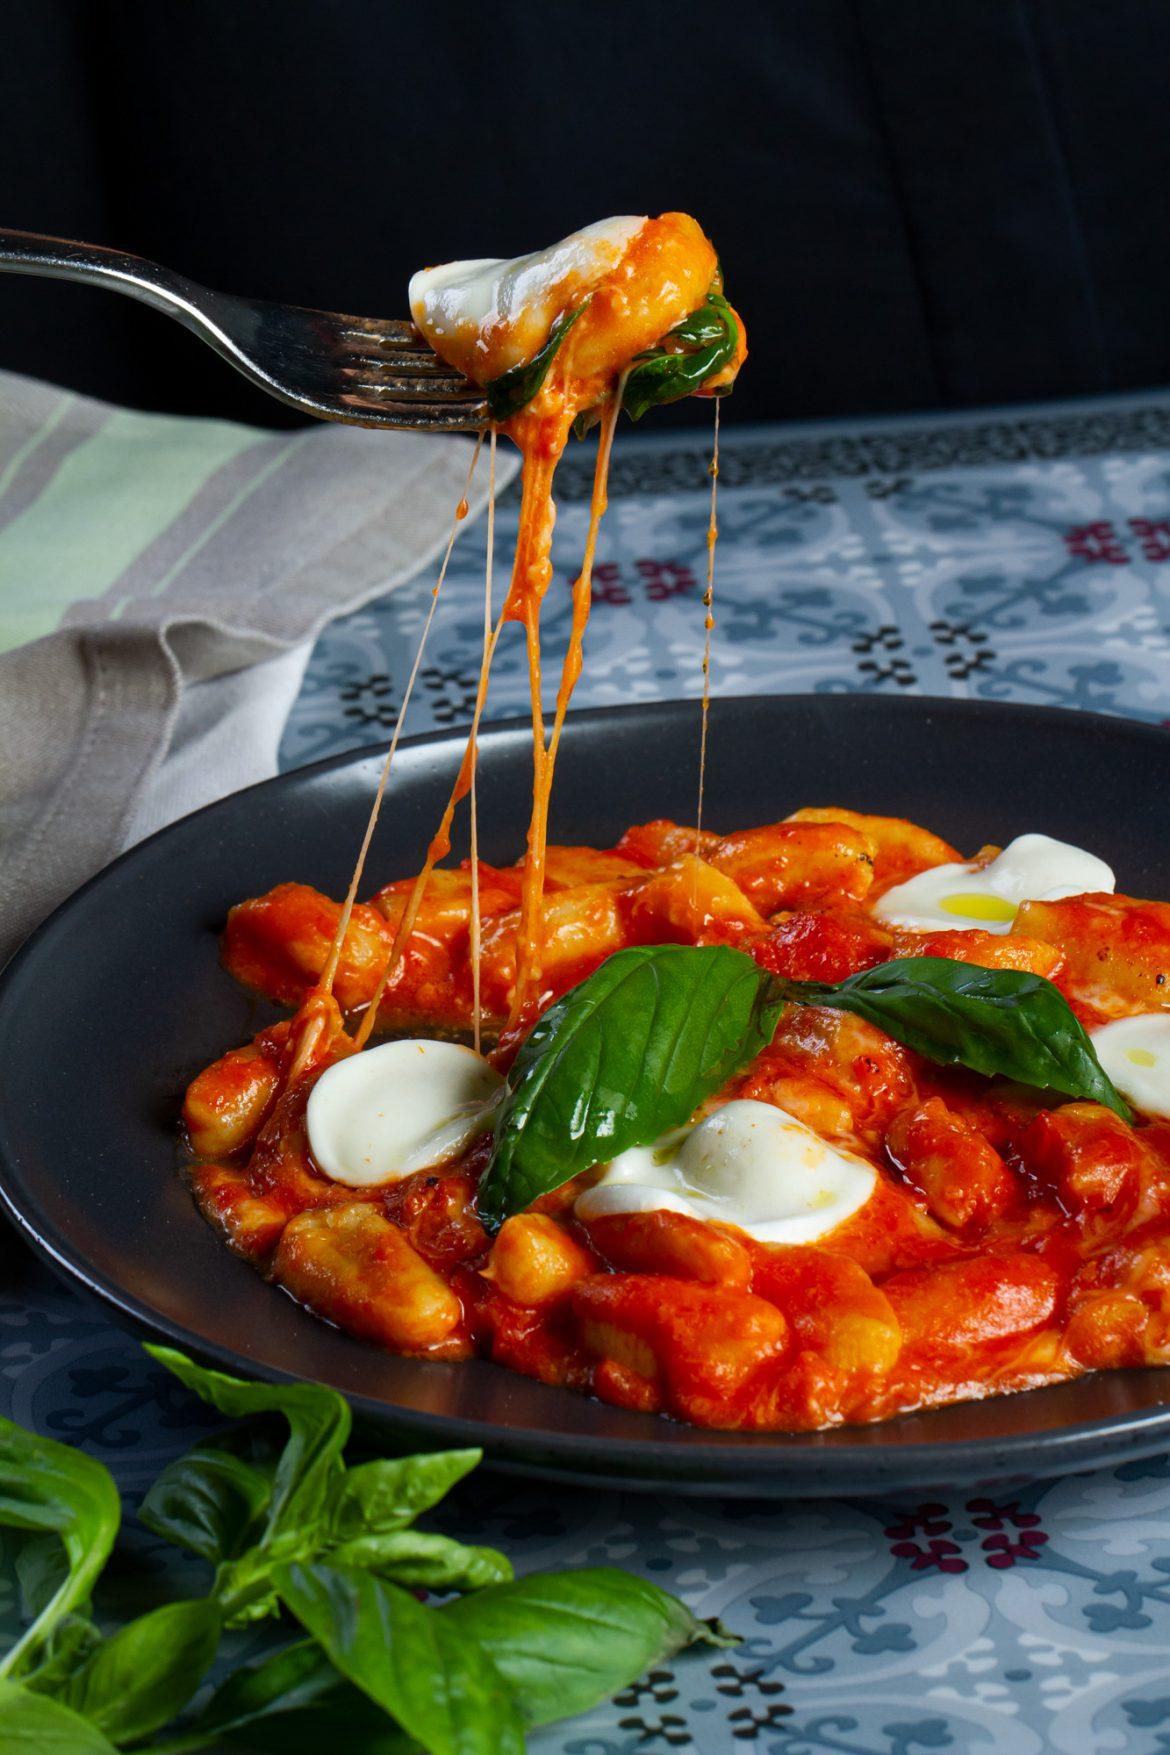 نظرة على قائمة الطعام الجديدة من المطعم الإيطالي Luigia دبي